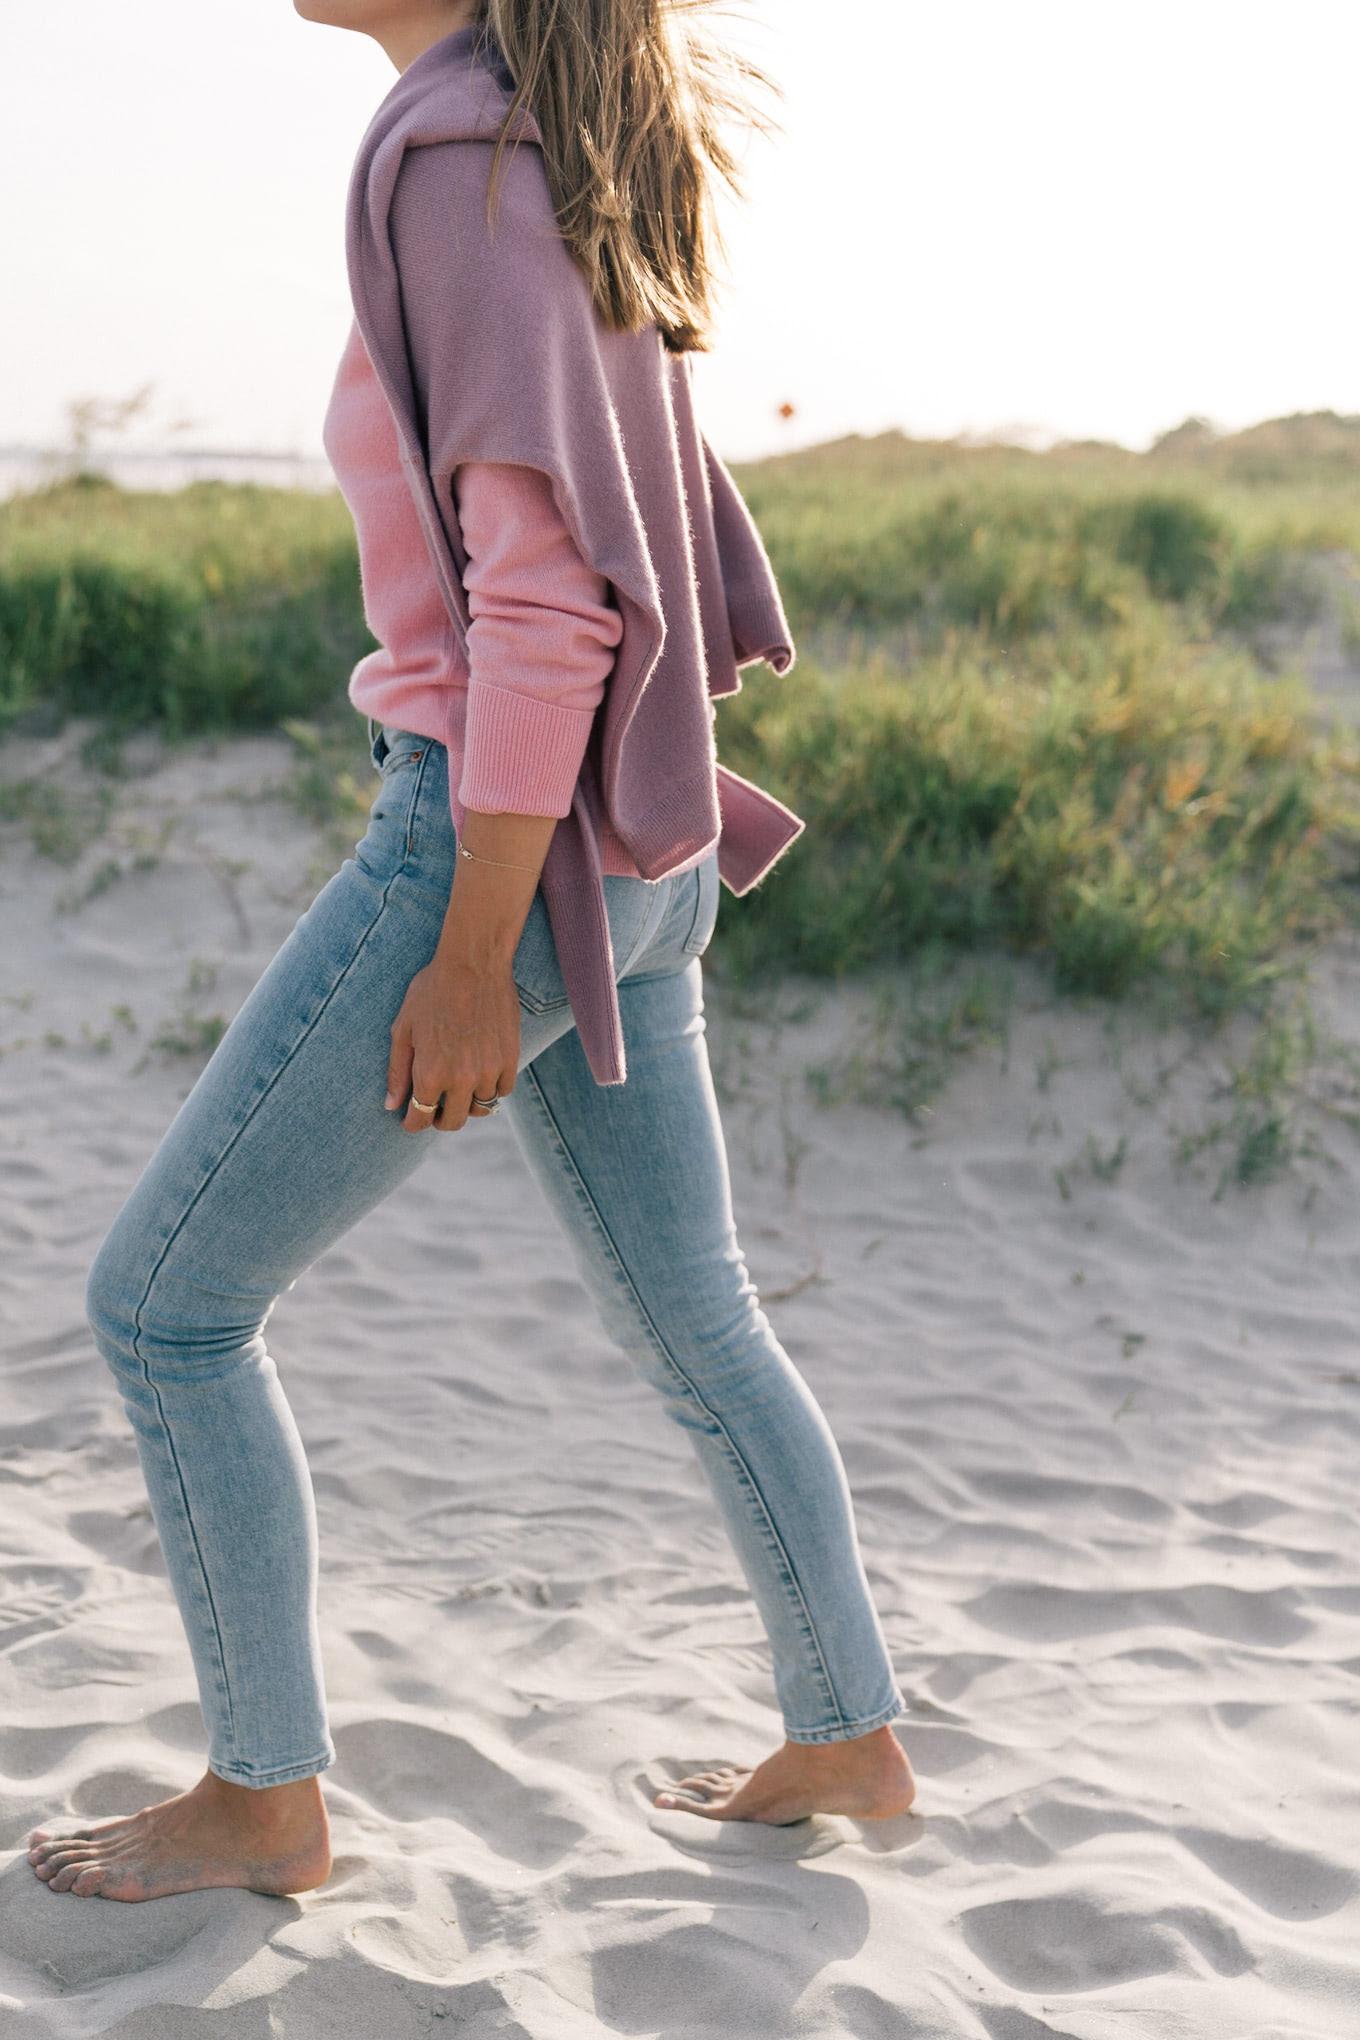 pink purple knit sweater jeans